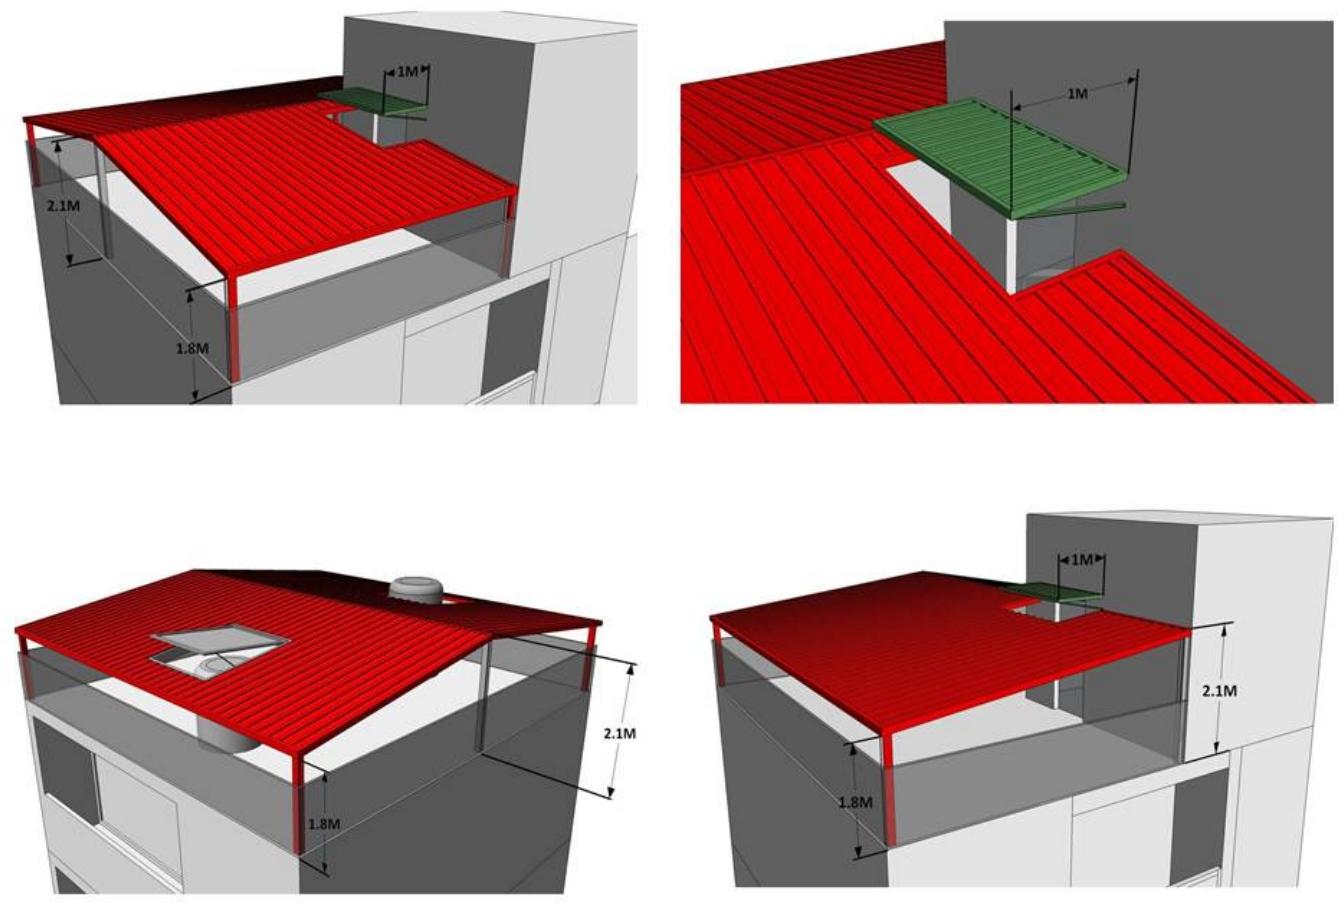 新北市老舊屋頂防漏雨棚示意圖